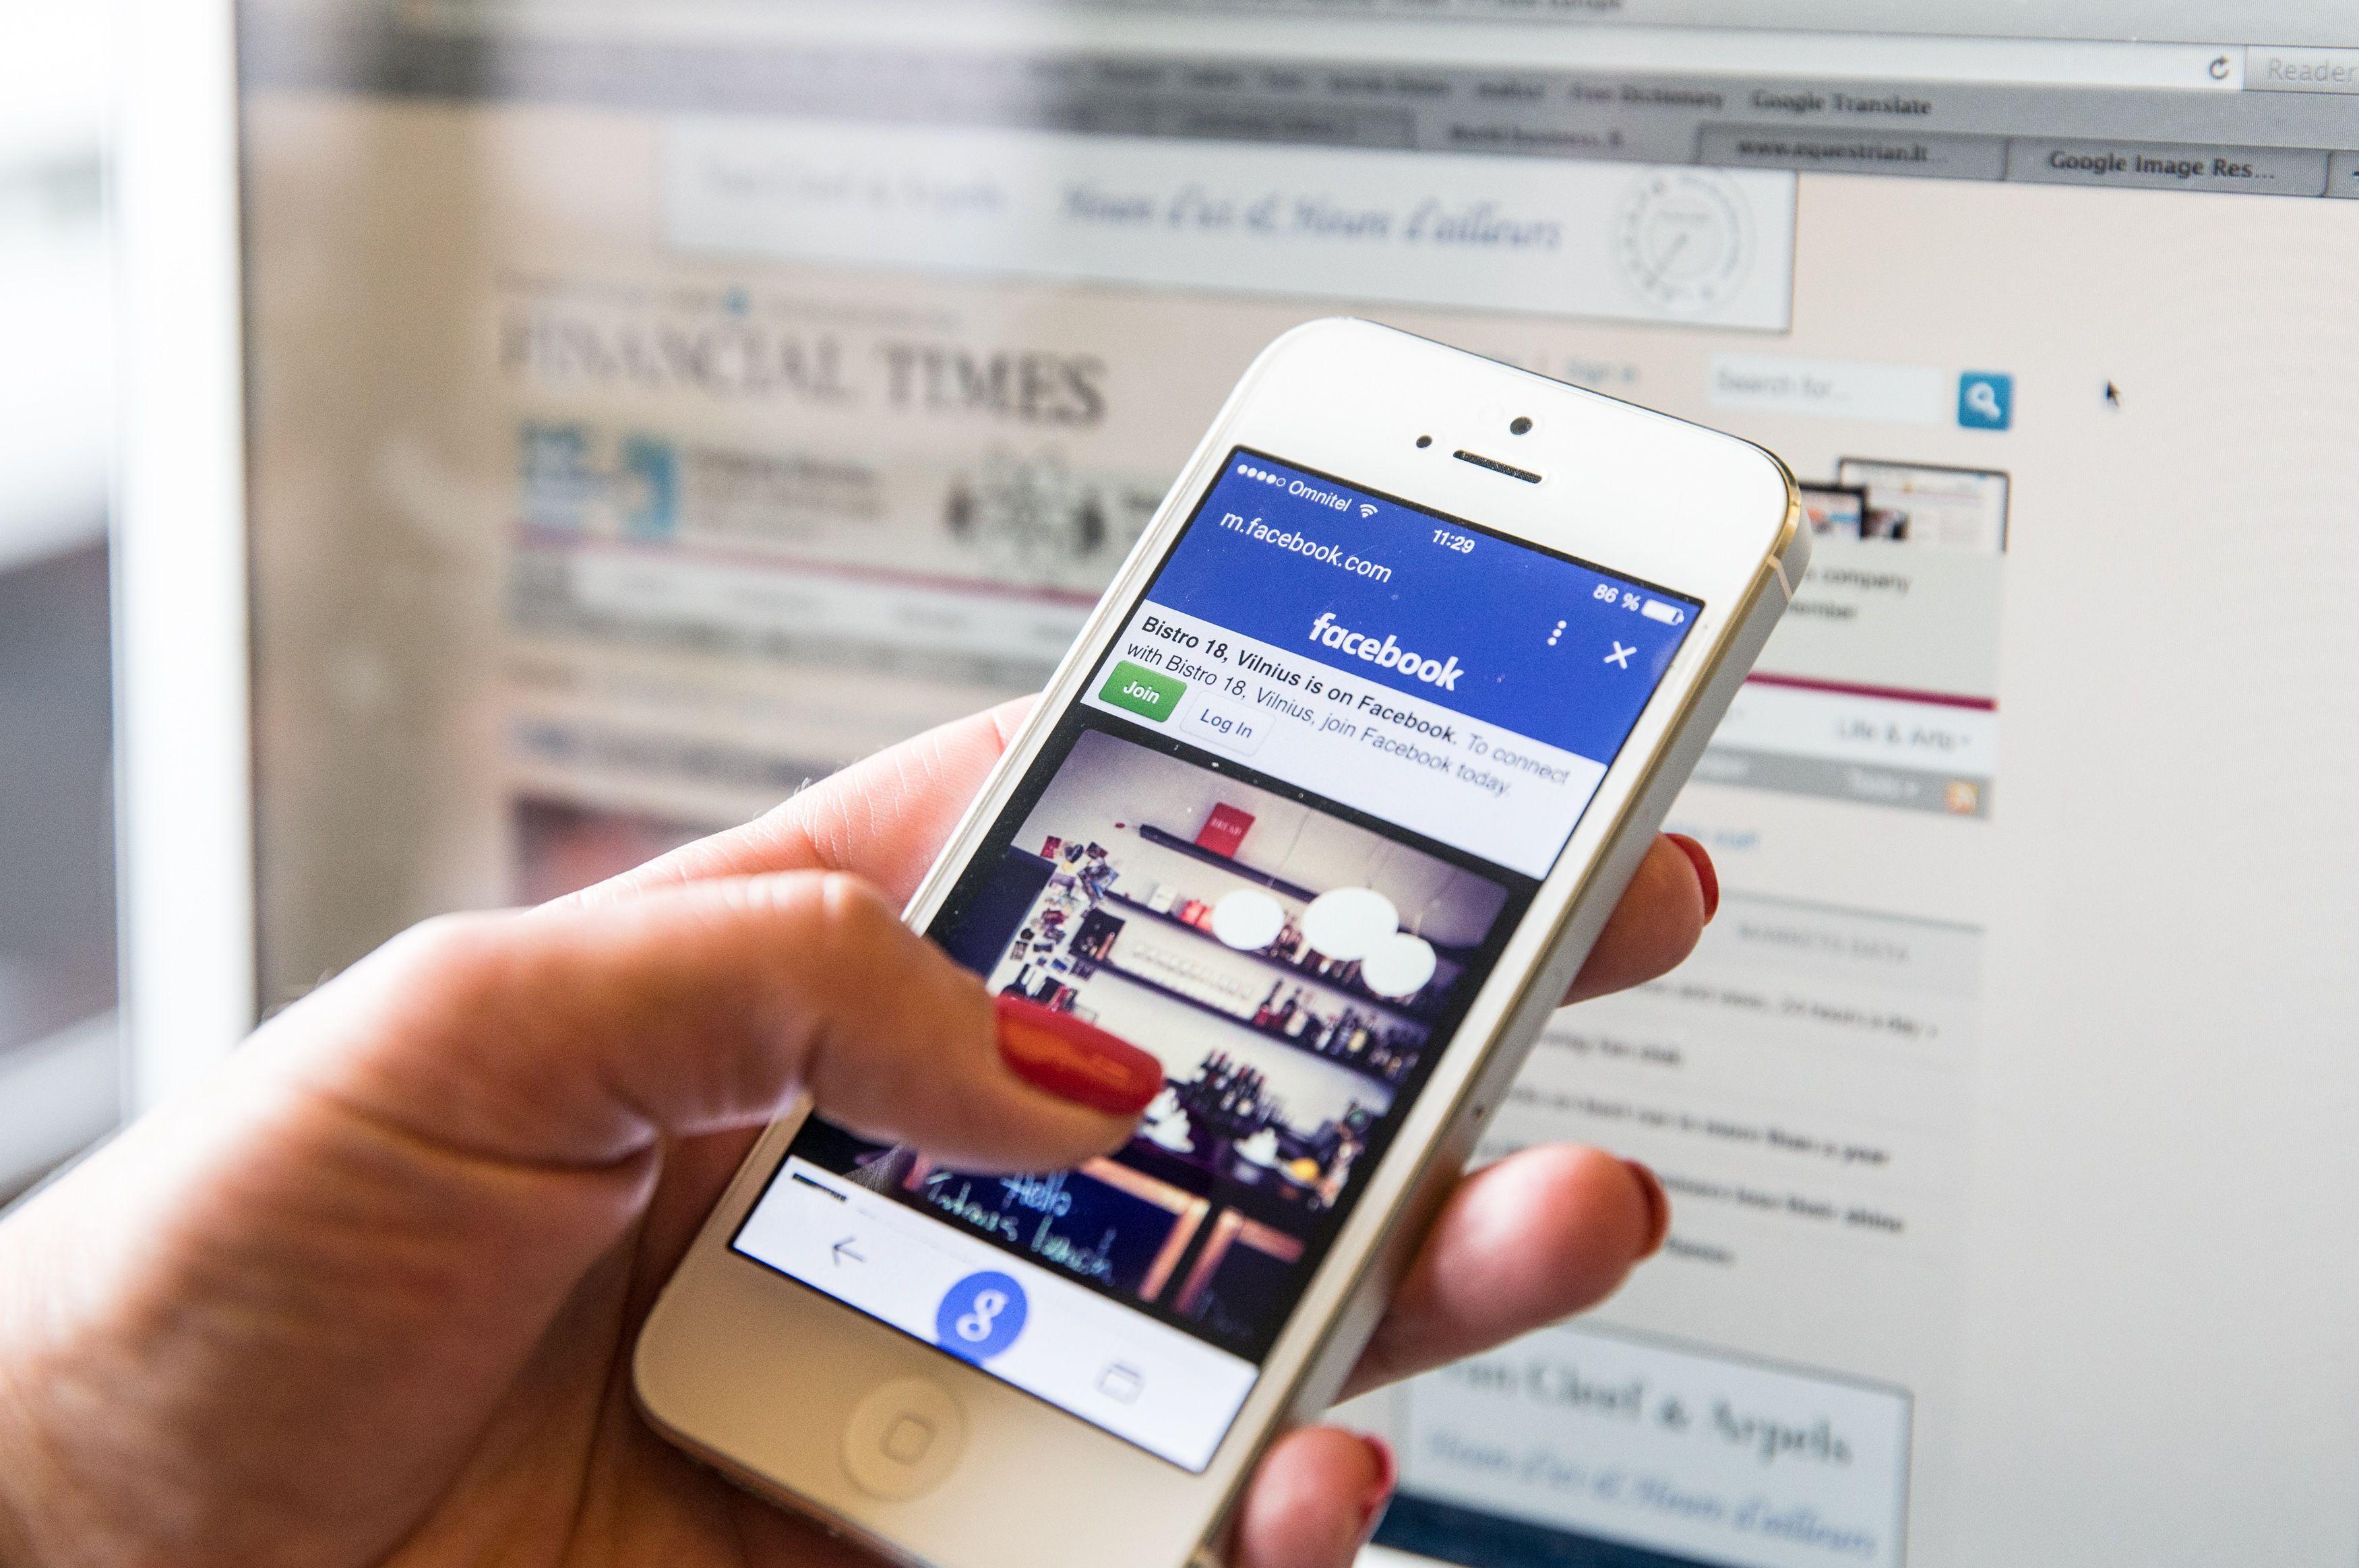 Reklamos rinka: �Facebook� ir �Google�, u� kampo � �Amazon�